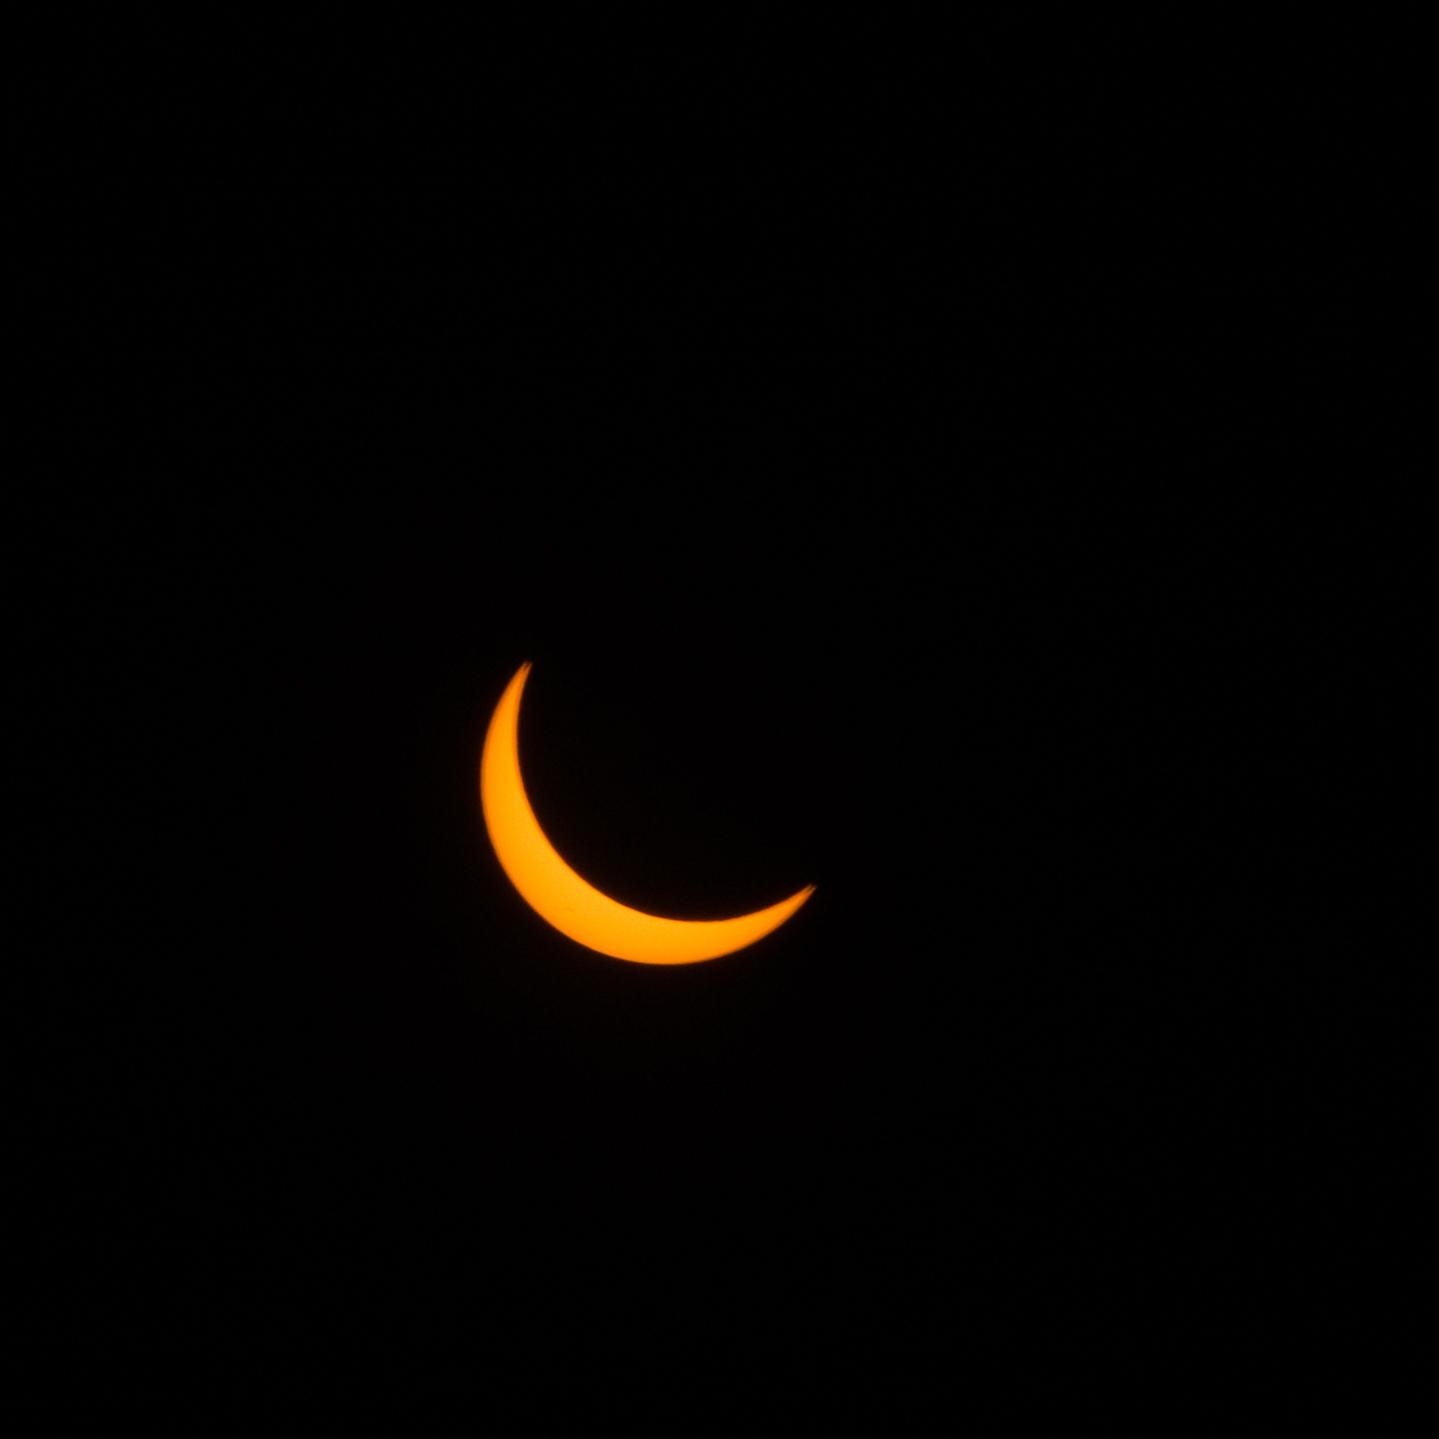 Eclipse de soleil du 21 août 2017